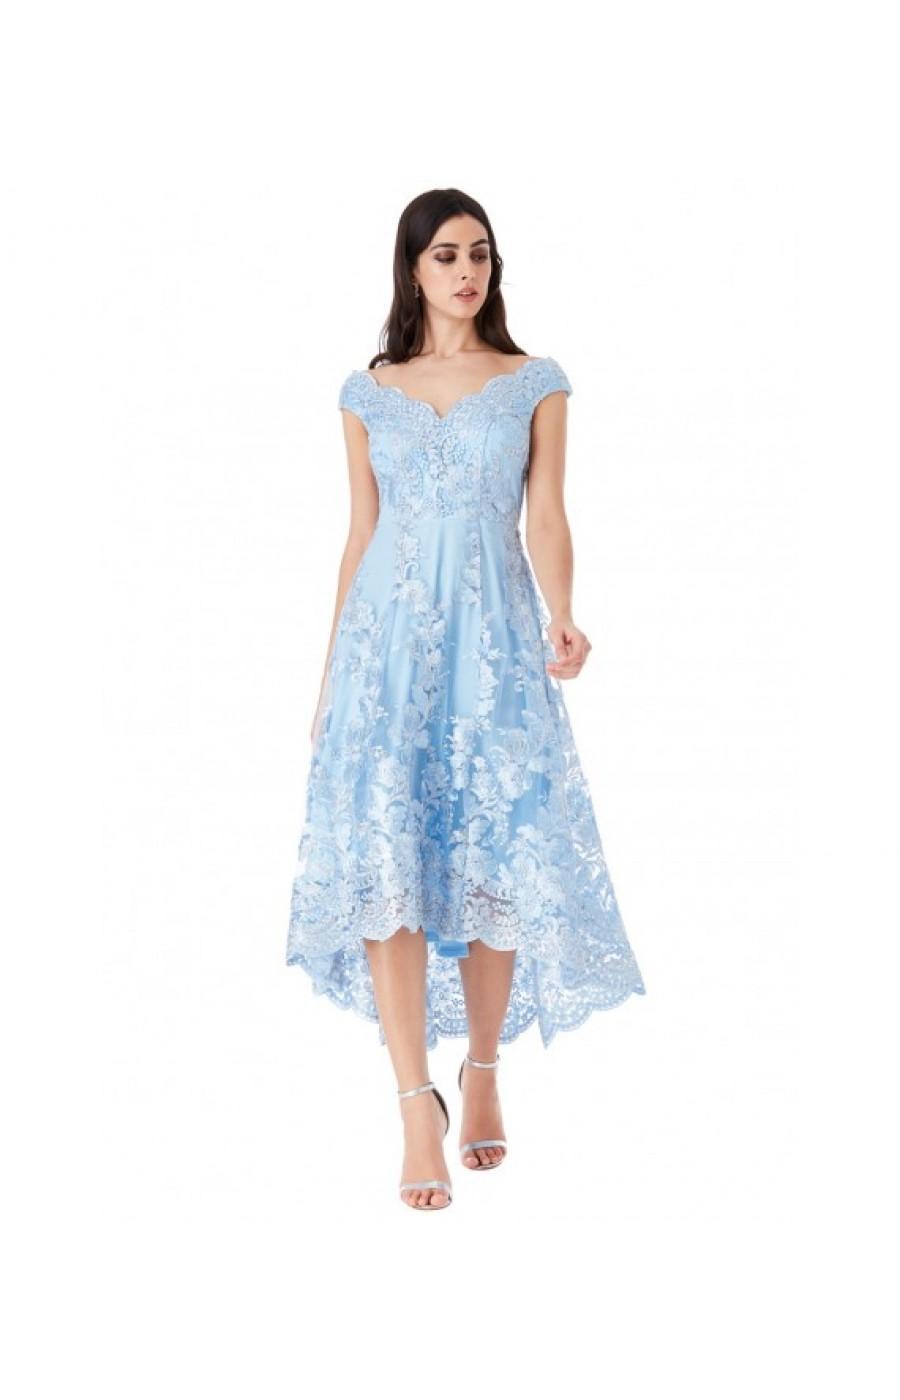 Γαλάζιο μίντι φόρεμα με ασύμμετρο ποδόγυρο